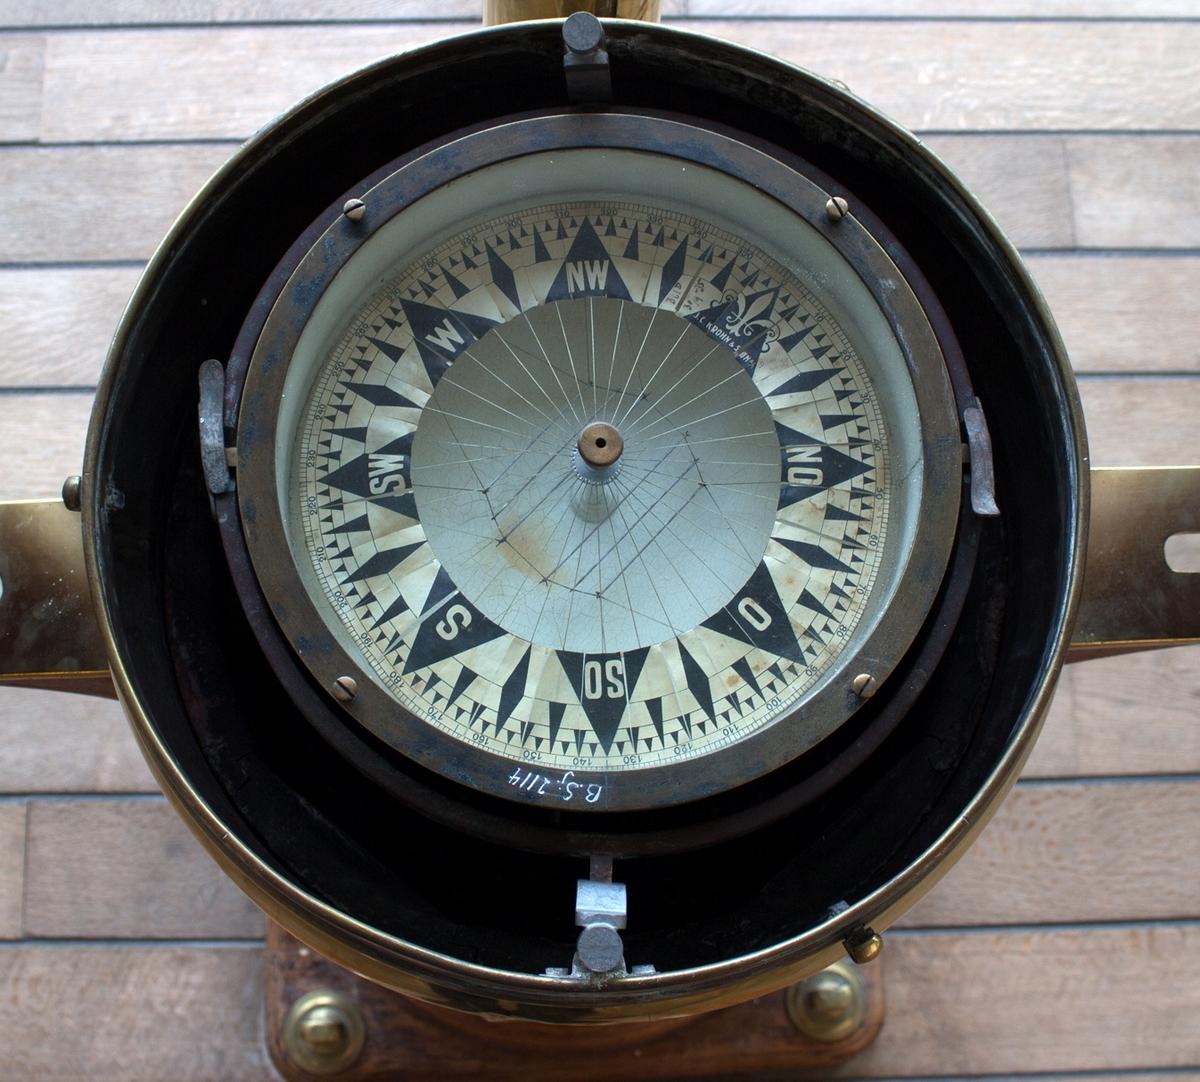 Luftkompass opphengt i slingrebøyle. Bollen er laget av metall og har dobbel bunn fylt med olje for å balansere bollen. Montert i natthus BSJ.03468.